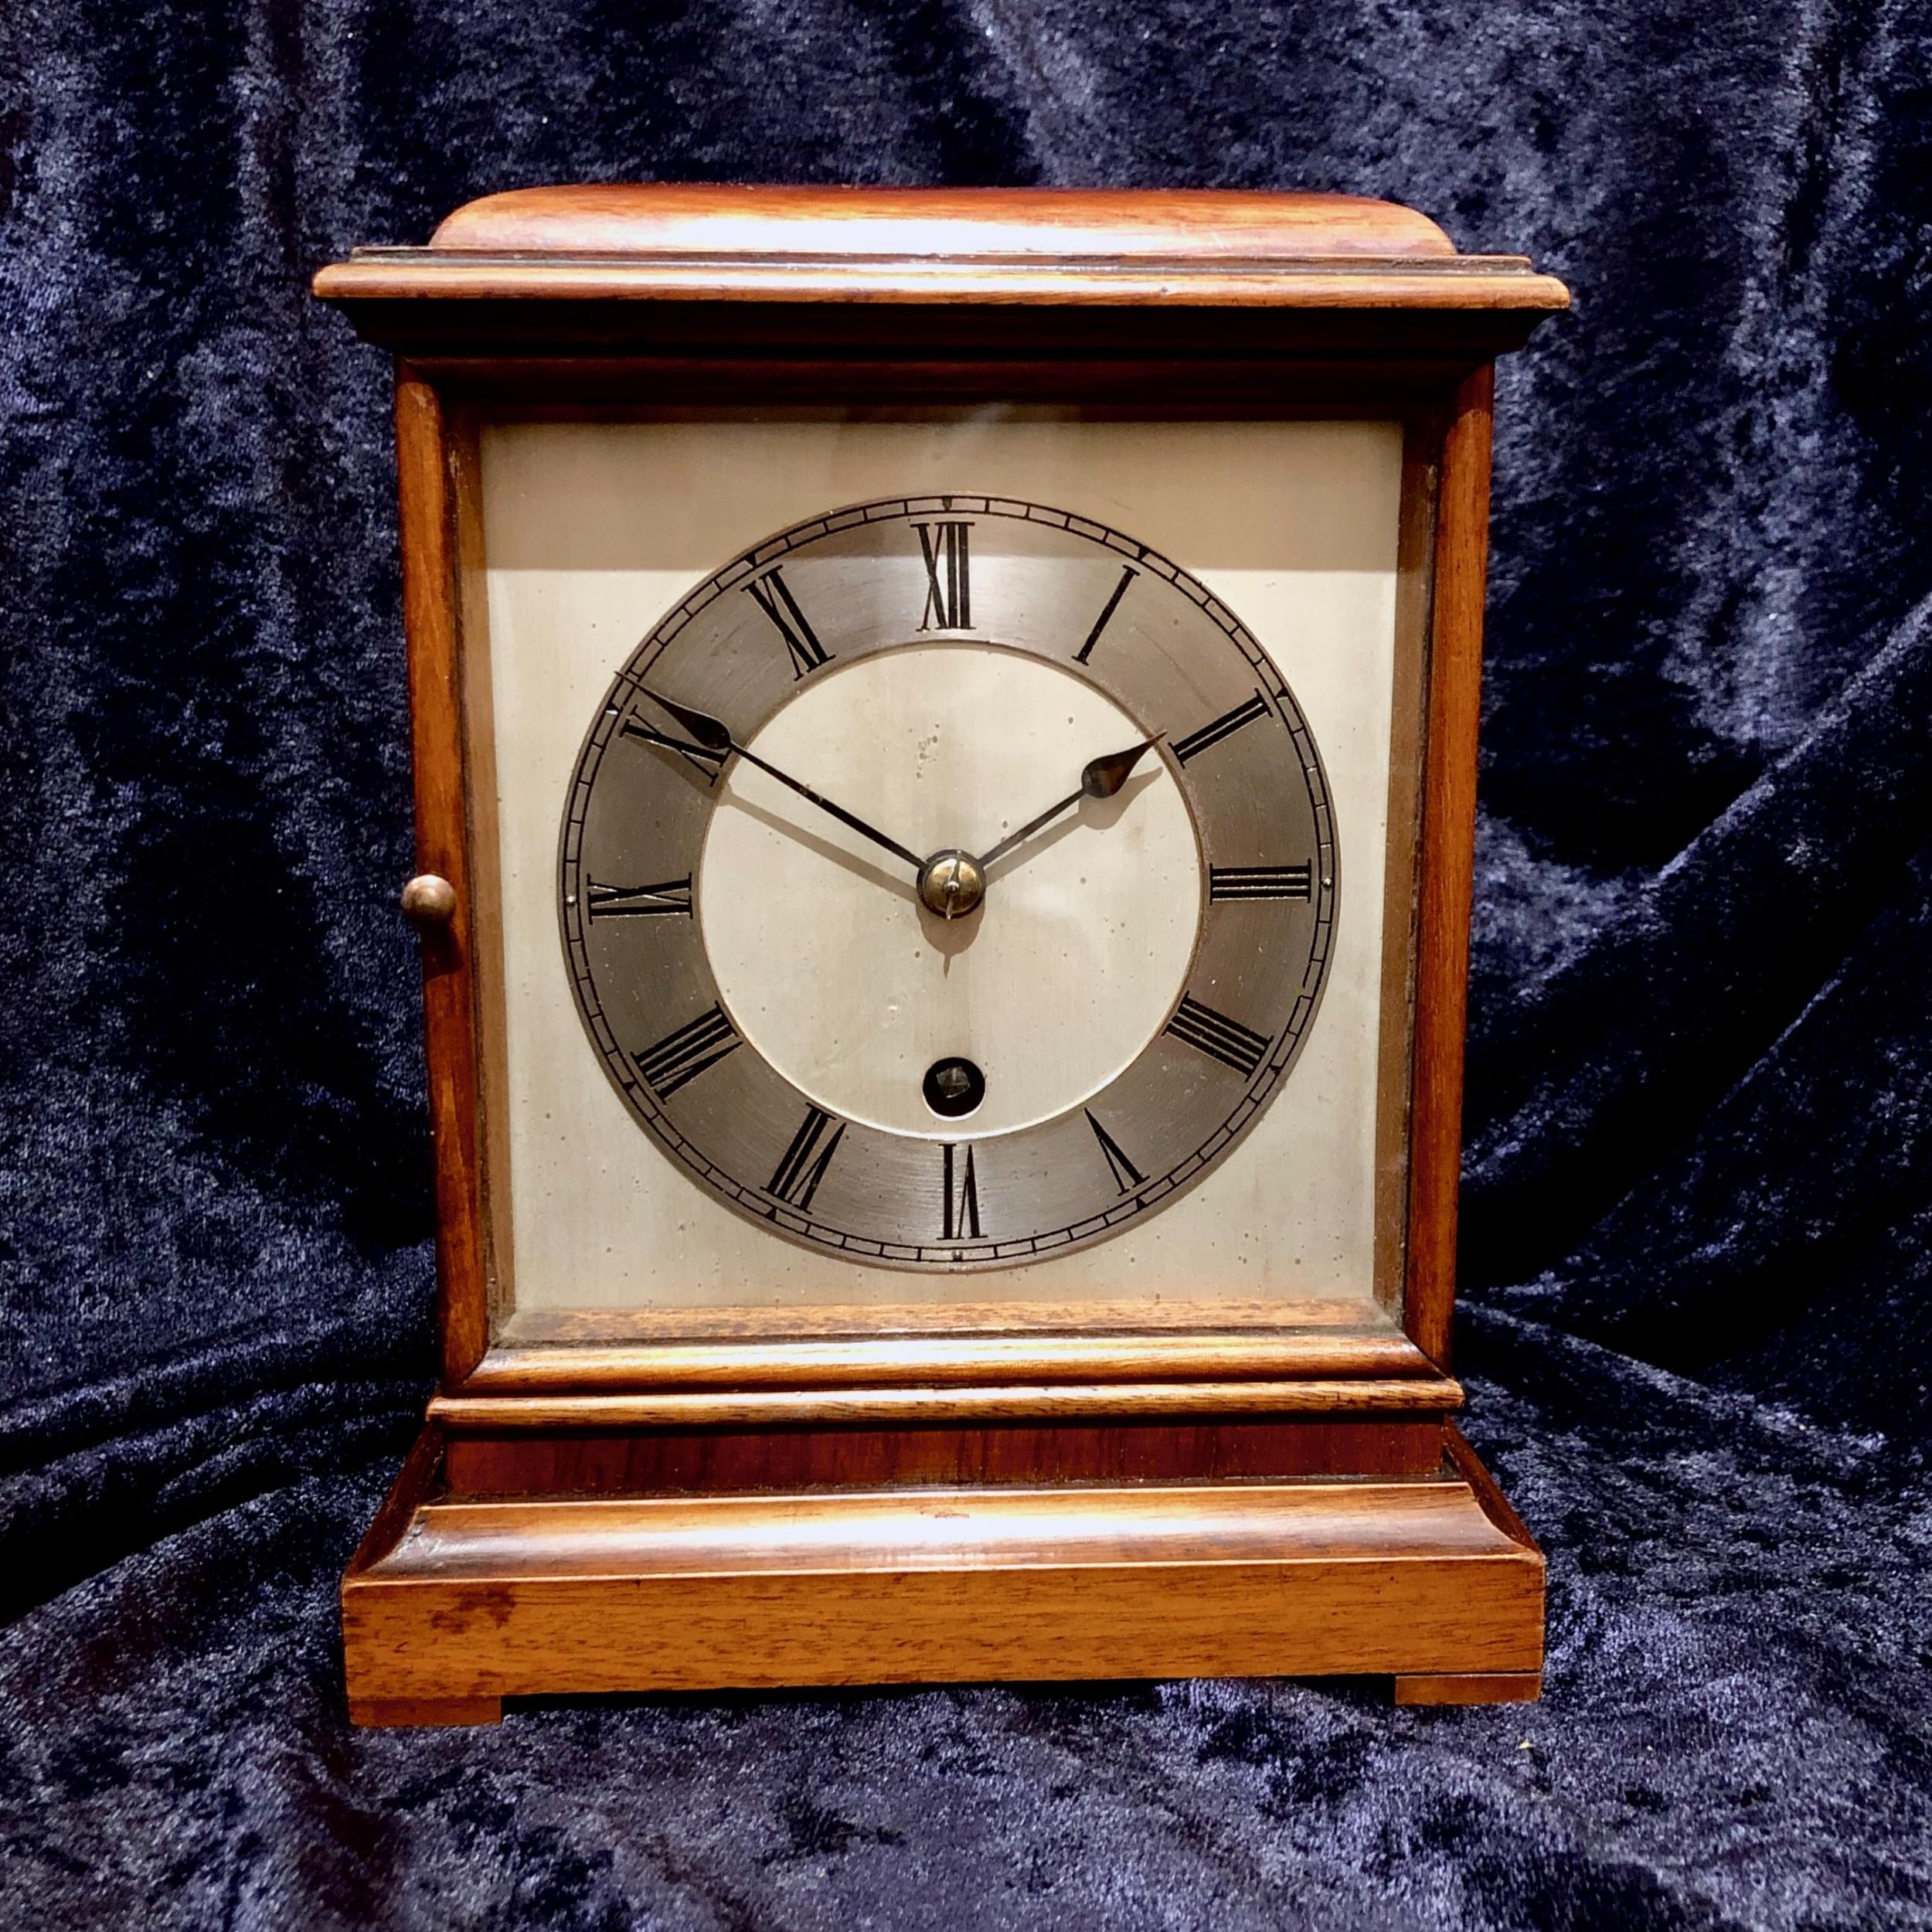 an early 20th century mahogany mantel clock